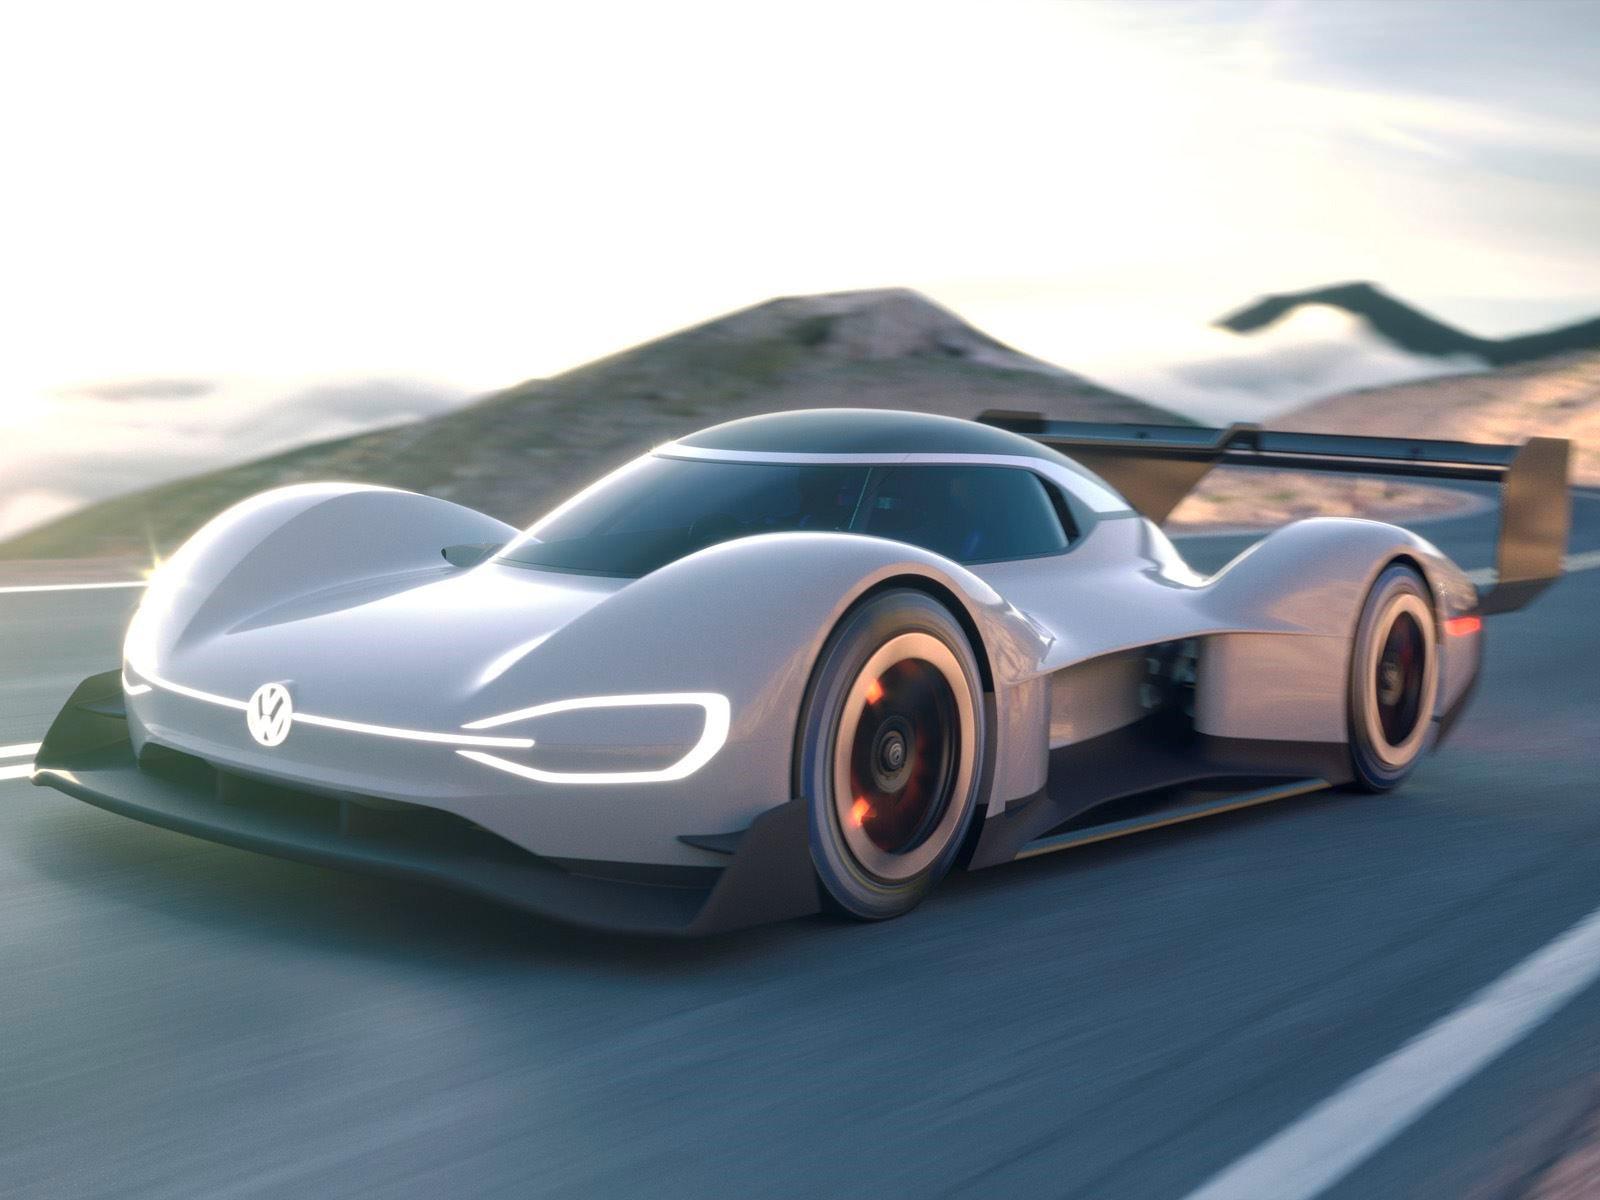 Volkswagen сегодня представил свой первый полностью электрический гоночный автомобиль I.D. R Pikes Peak, с которым компания попытается установить рекорд на международном турнире по подъему на холм в Колорадо-Спрингс 24 июня. I.D. R Pikes Peak был пок